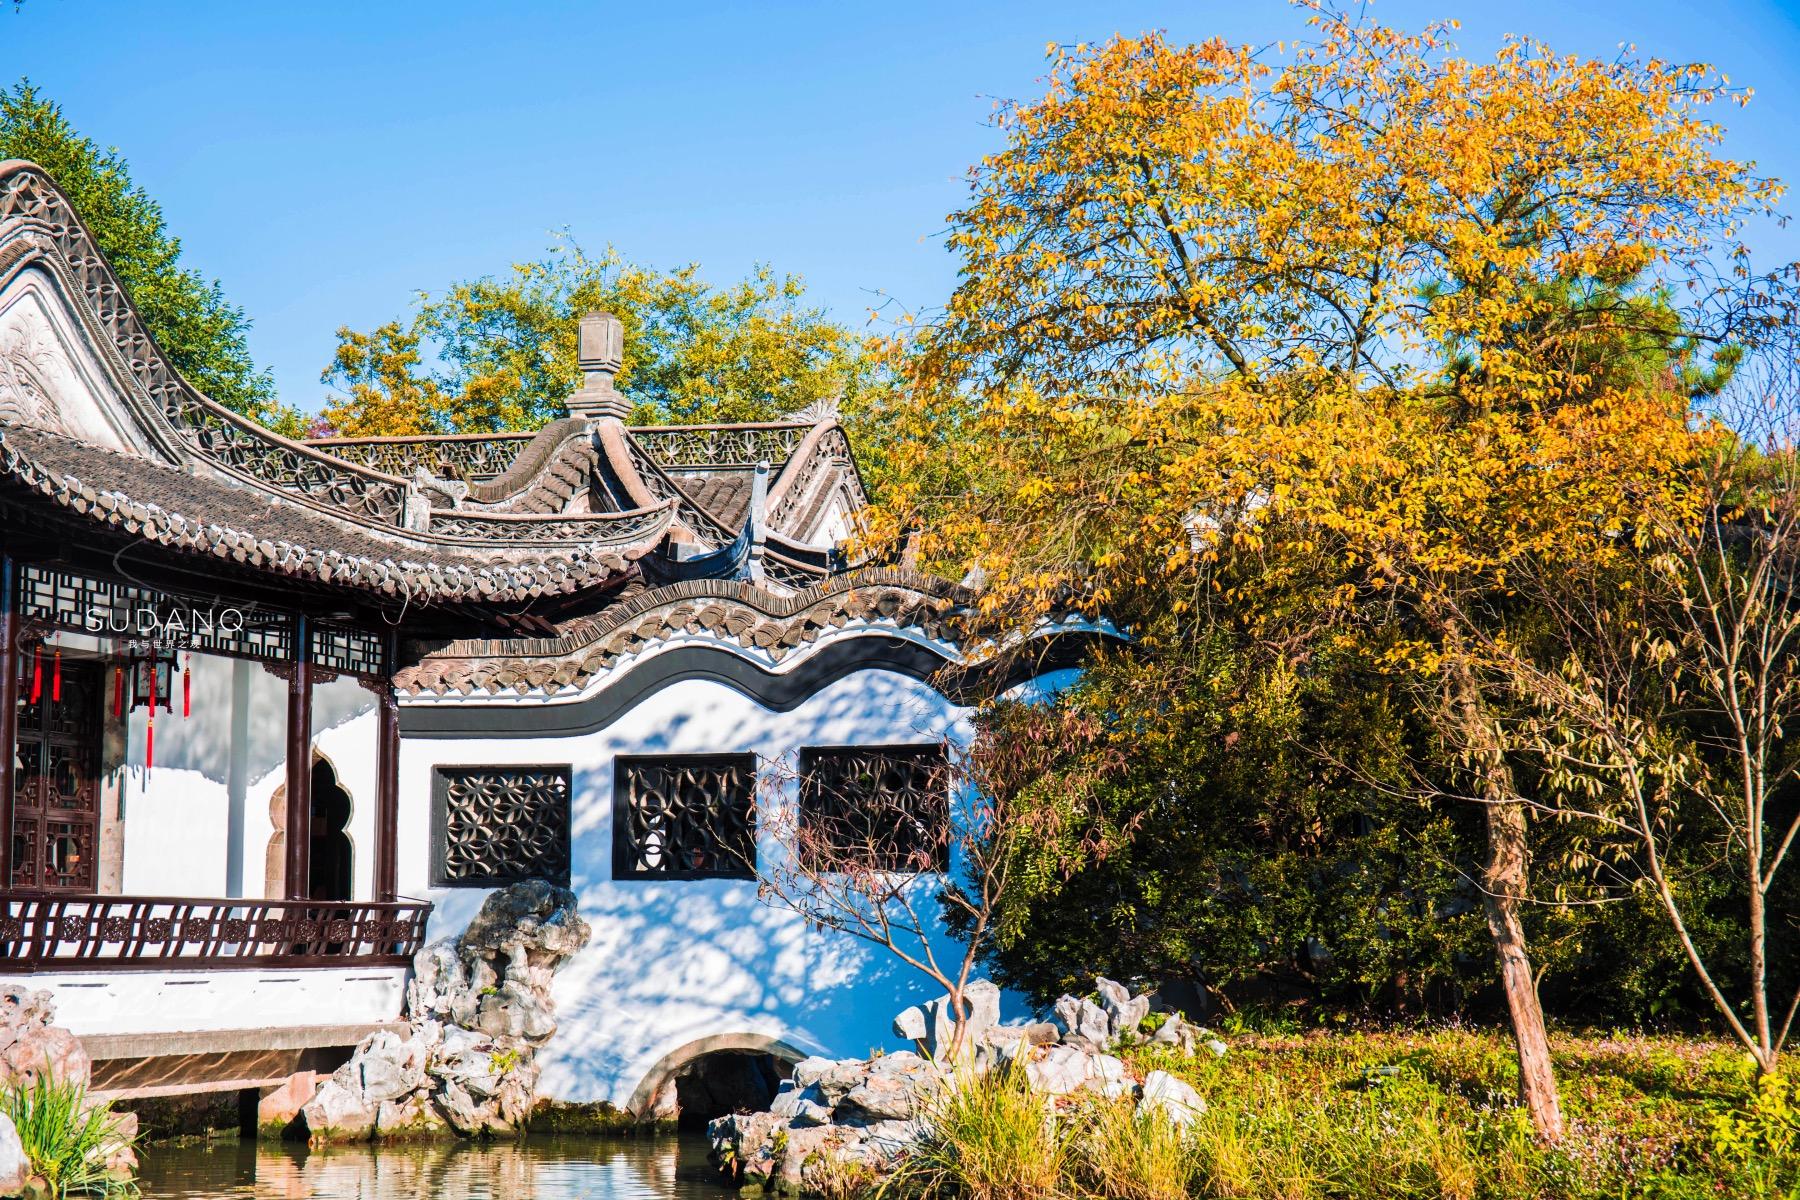 """历史上的扬州有多富饶?堪比今天的""""北上广"""",瘦西湖是其缩影"""